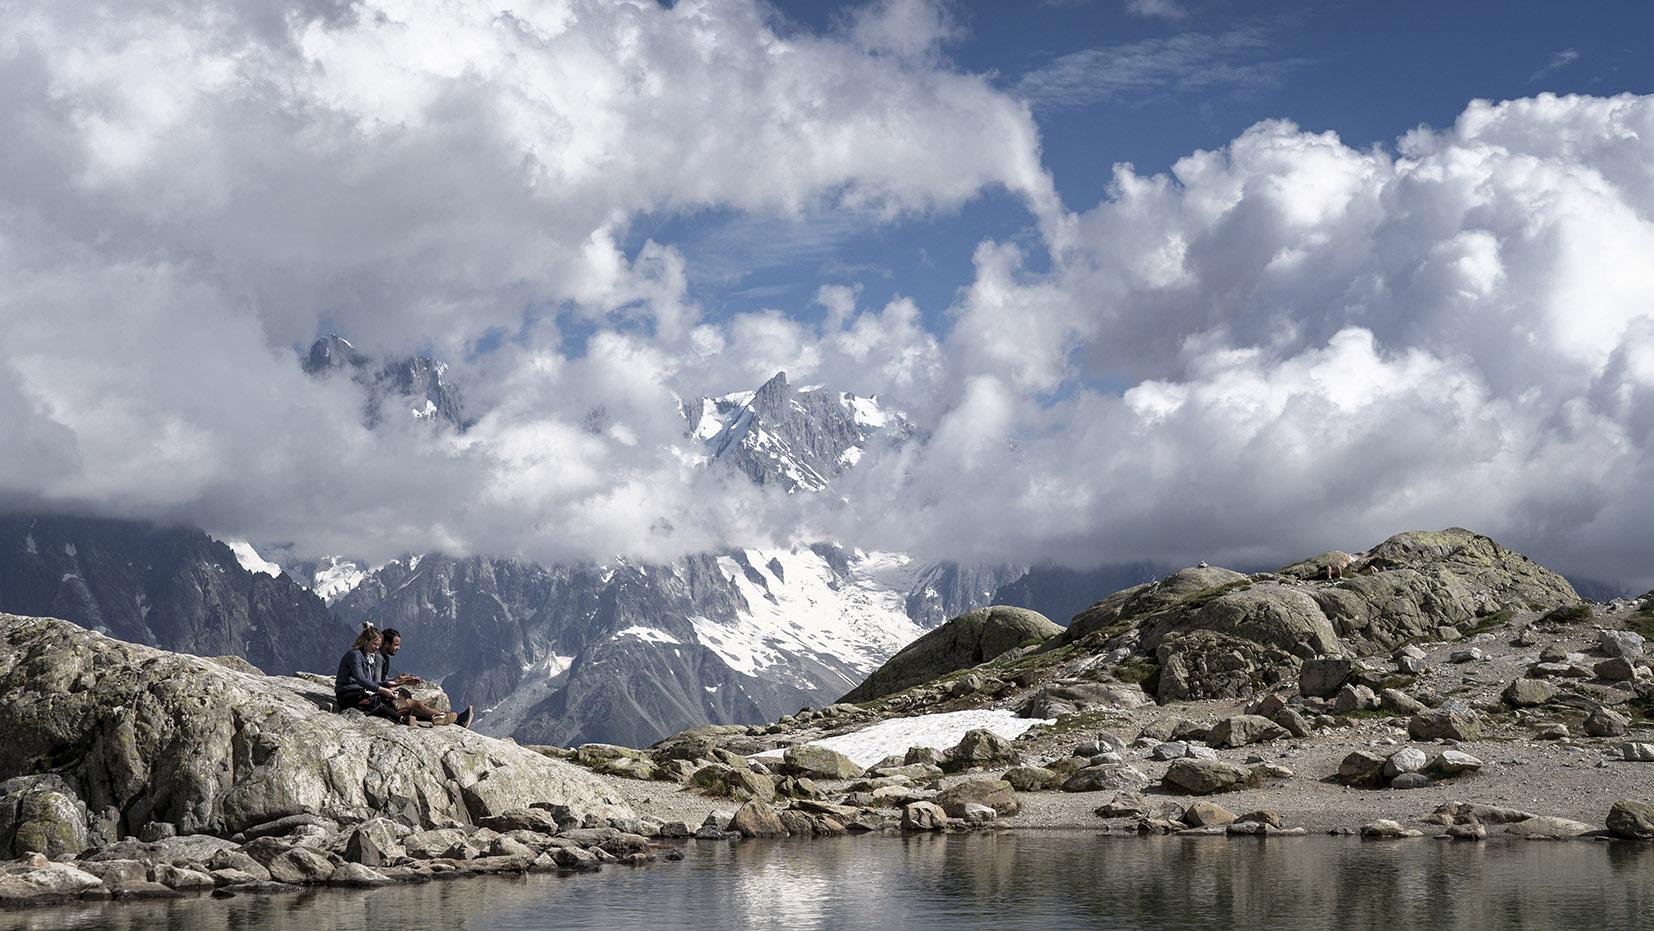 randonnée lac Blanc nuages montagnes couple assis